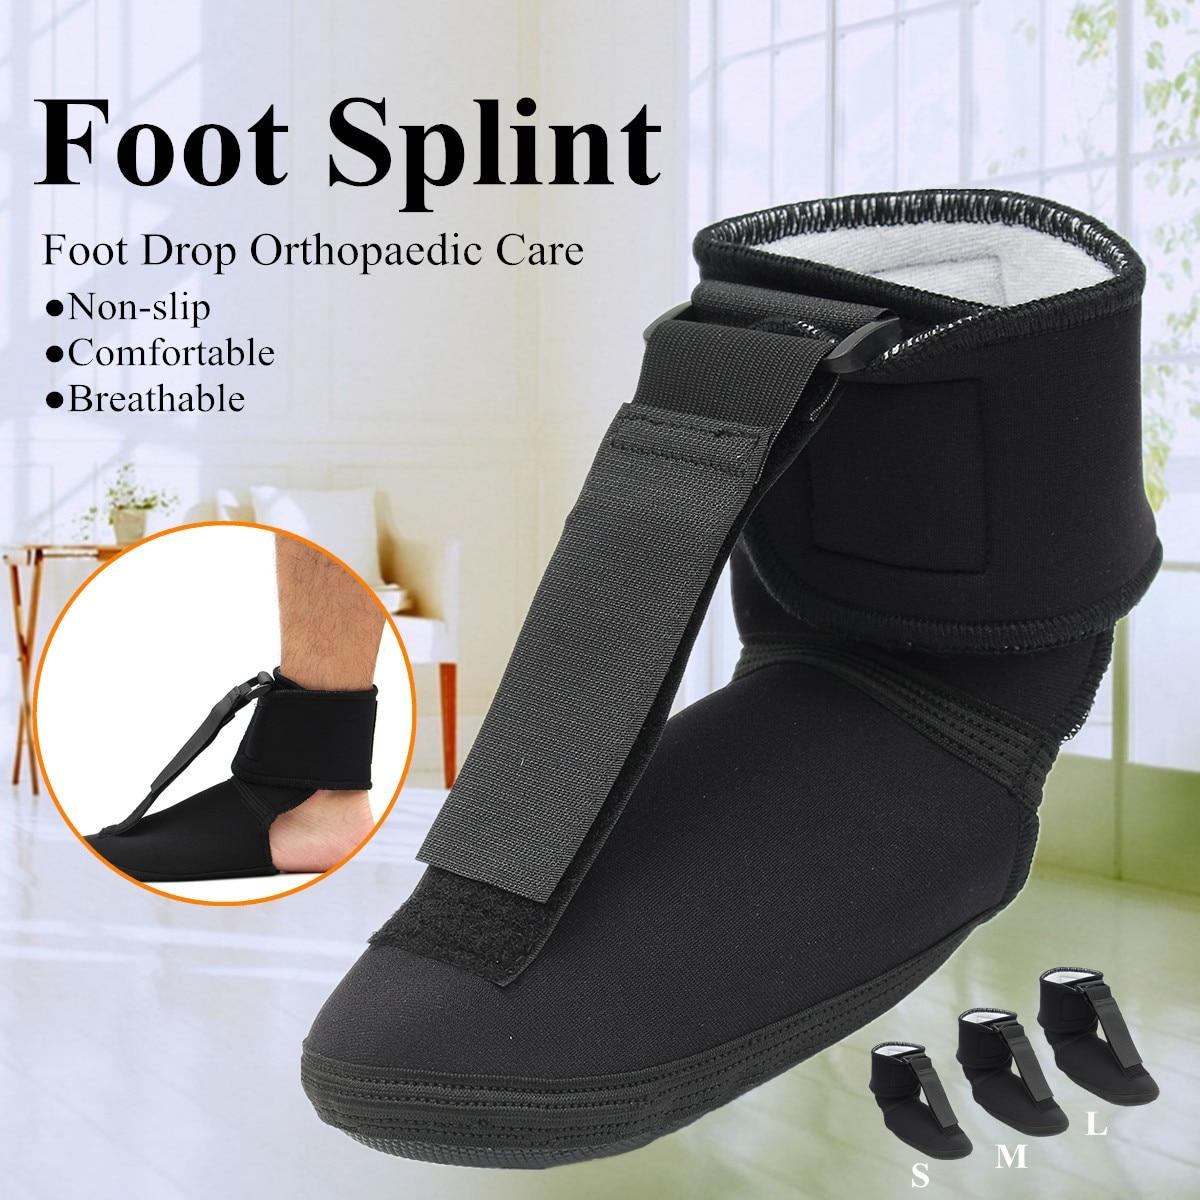 цена на Adjustable Foot Toe Brace Support Wraps Orthosis Brace Talipes Valgus Splint Ankle Plantar Fasciitis Heel Pain Treatment